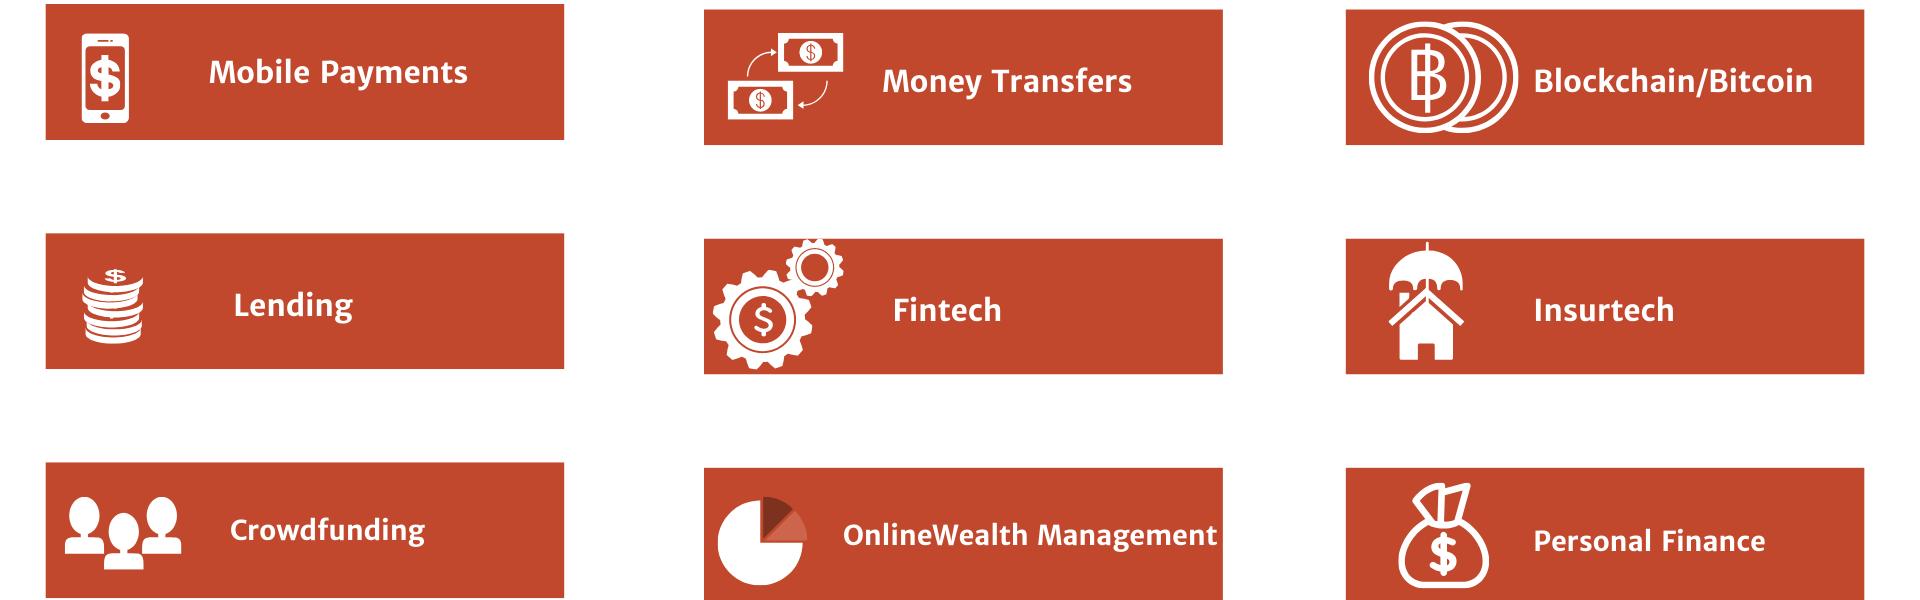 Fintech News Topic HK